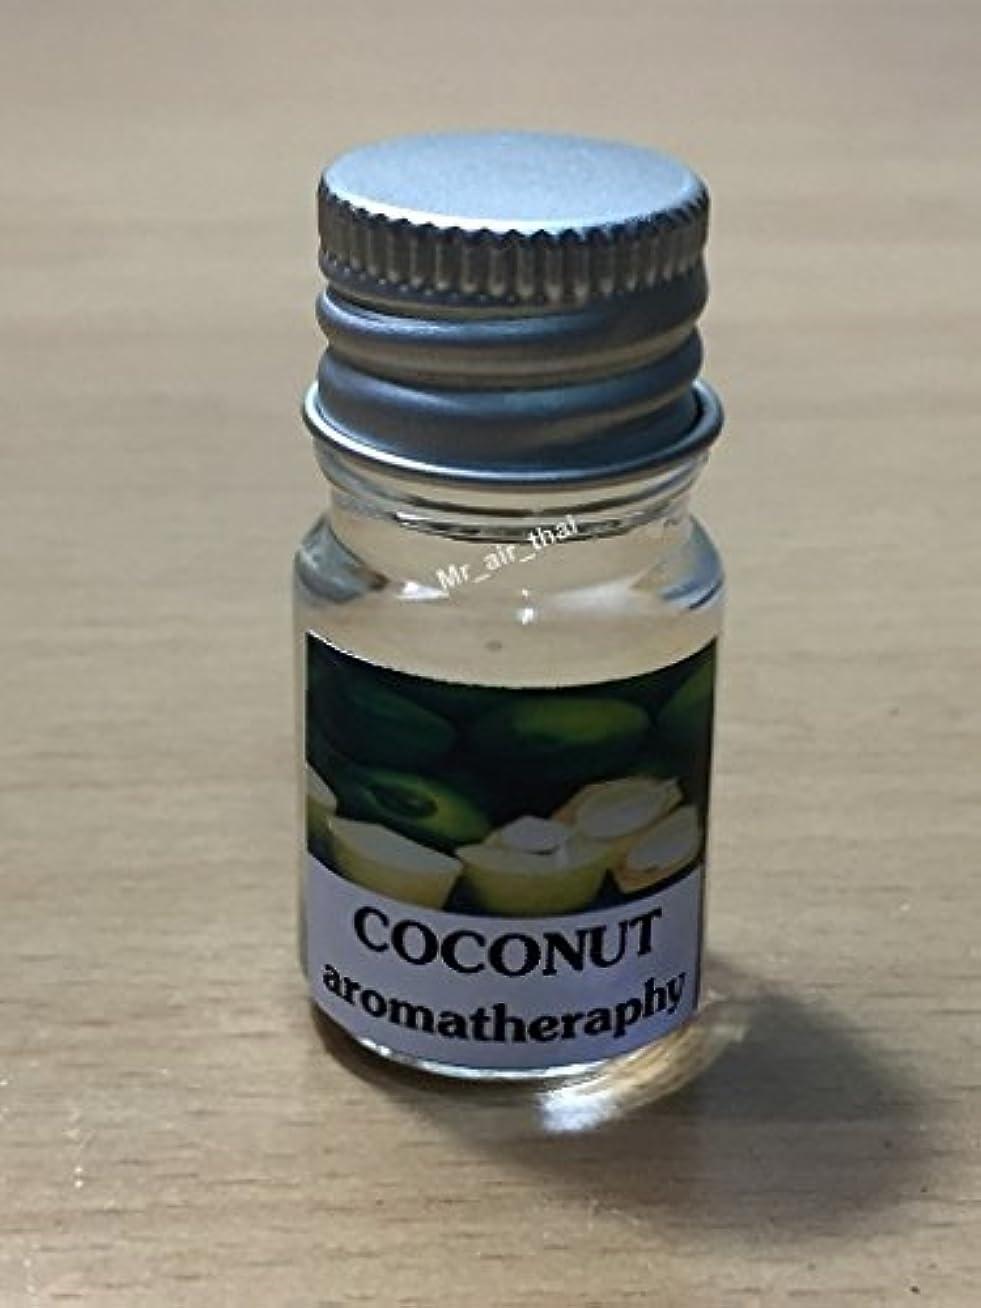 朝の体操をするさまよう砲兵5ミリリットルアロマココナッツフランクインセンスエッセンシャルオイルボトルアロマテラピーオイル自然自然5ml Aroma Coconut Frankincense Essential Oil Bottles Aromatherapy...